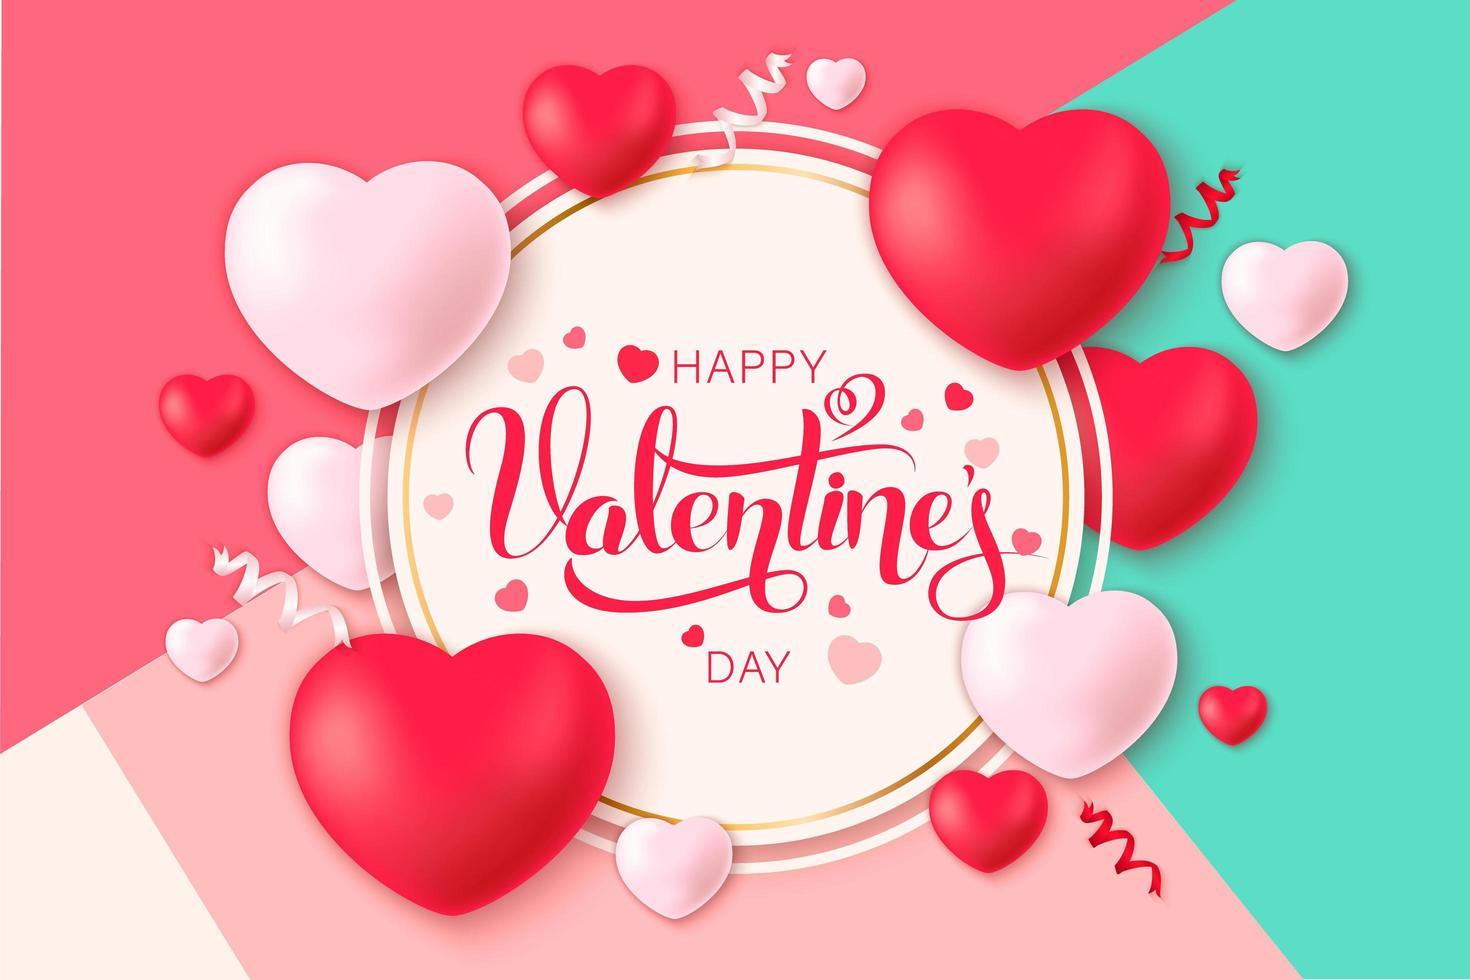 Happy Saint Valentin fond avec coeurs et confettis sur fond incliné vecteur